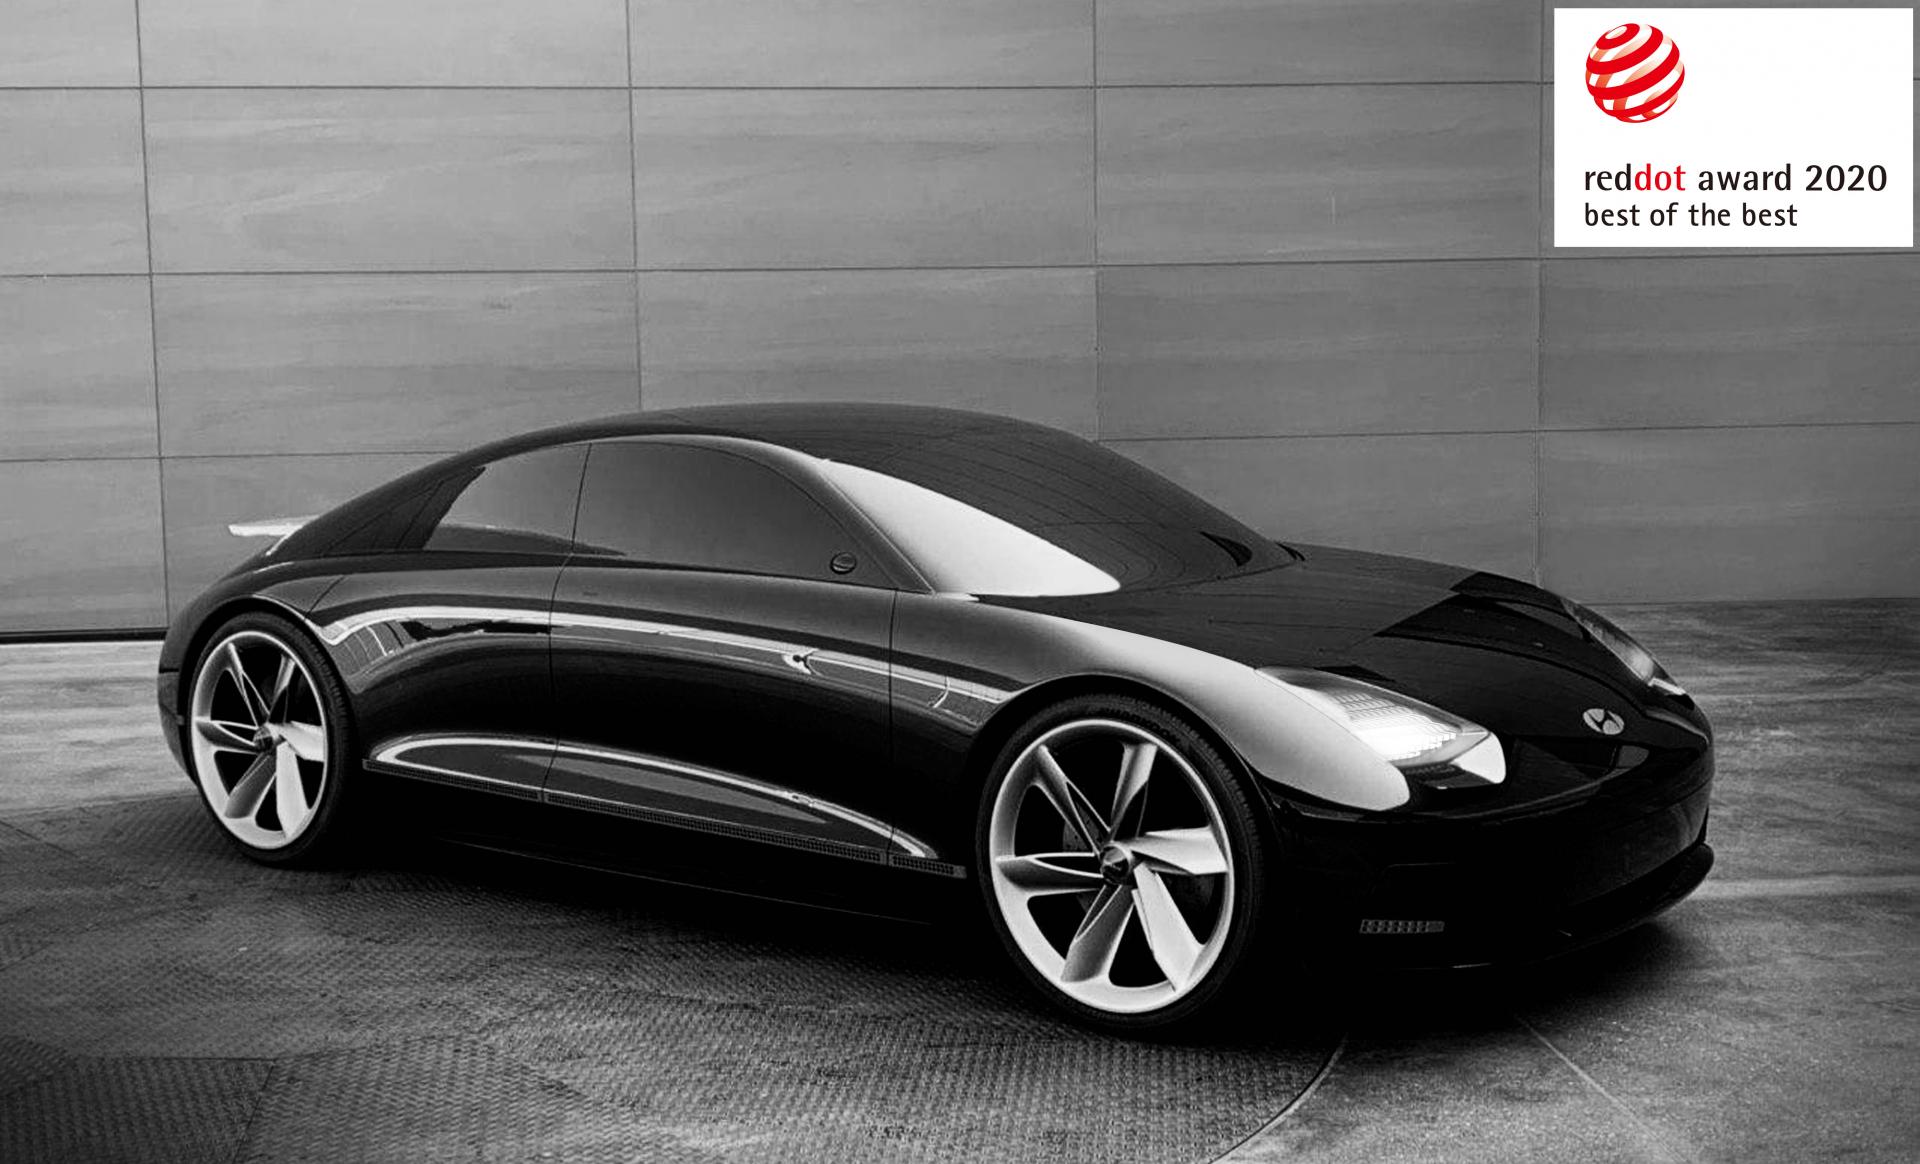 Компанія Hyundai Motor отримала три нагороди Red Dot Award 2020 за концептуальний дизайн | Богдан-Авто Черкаси - фото 14